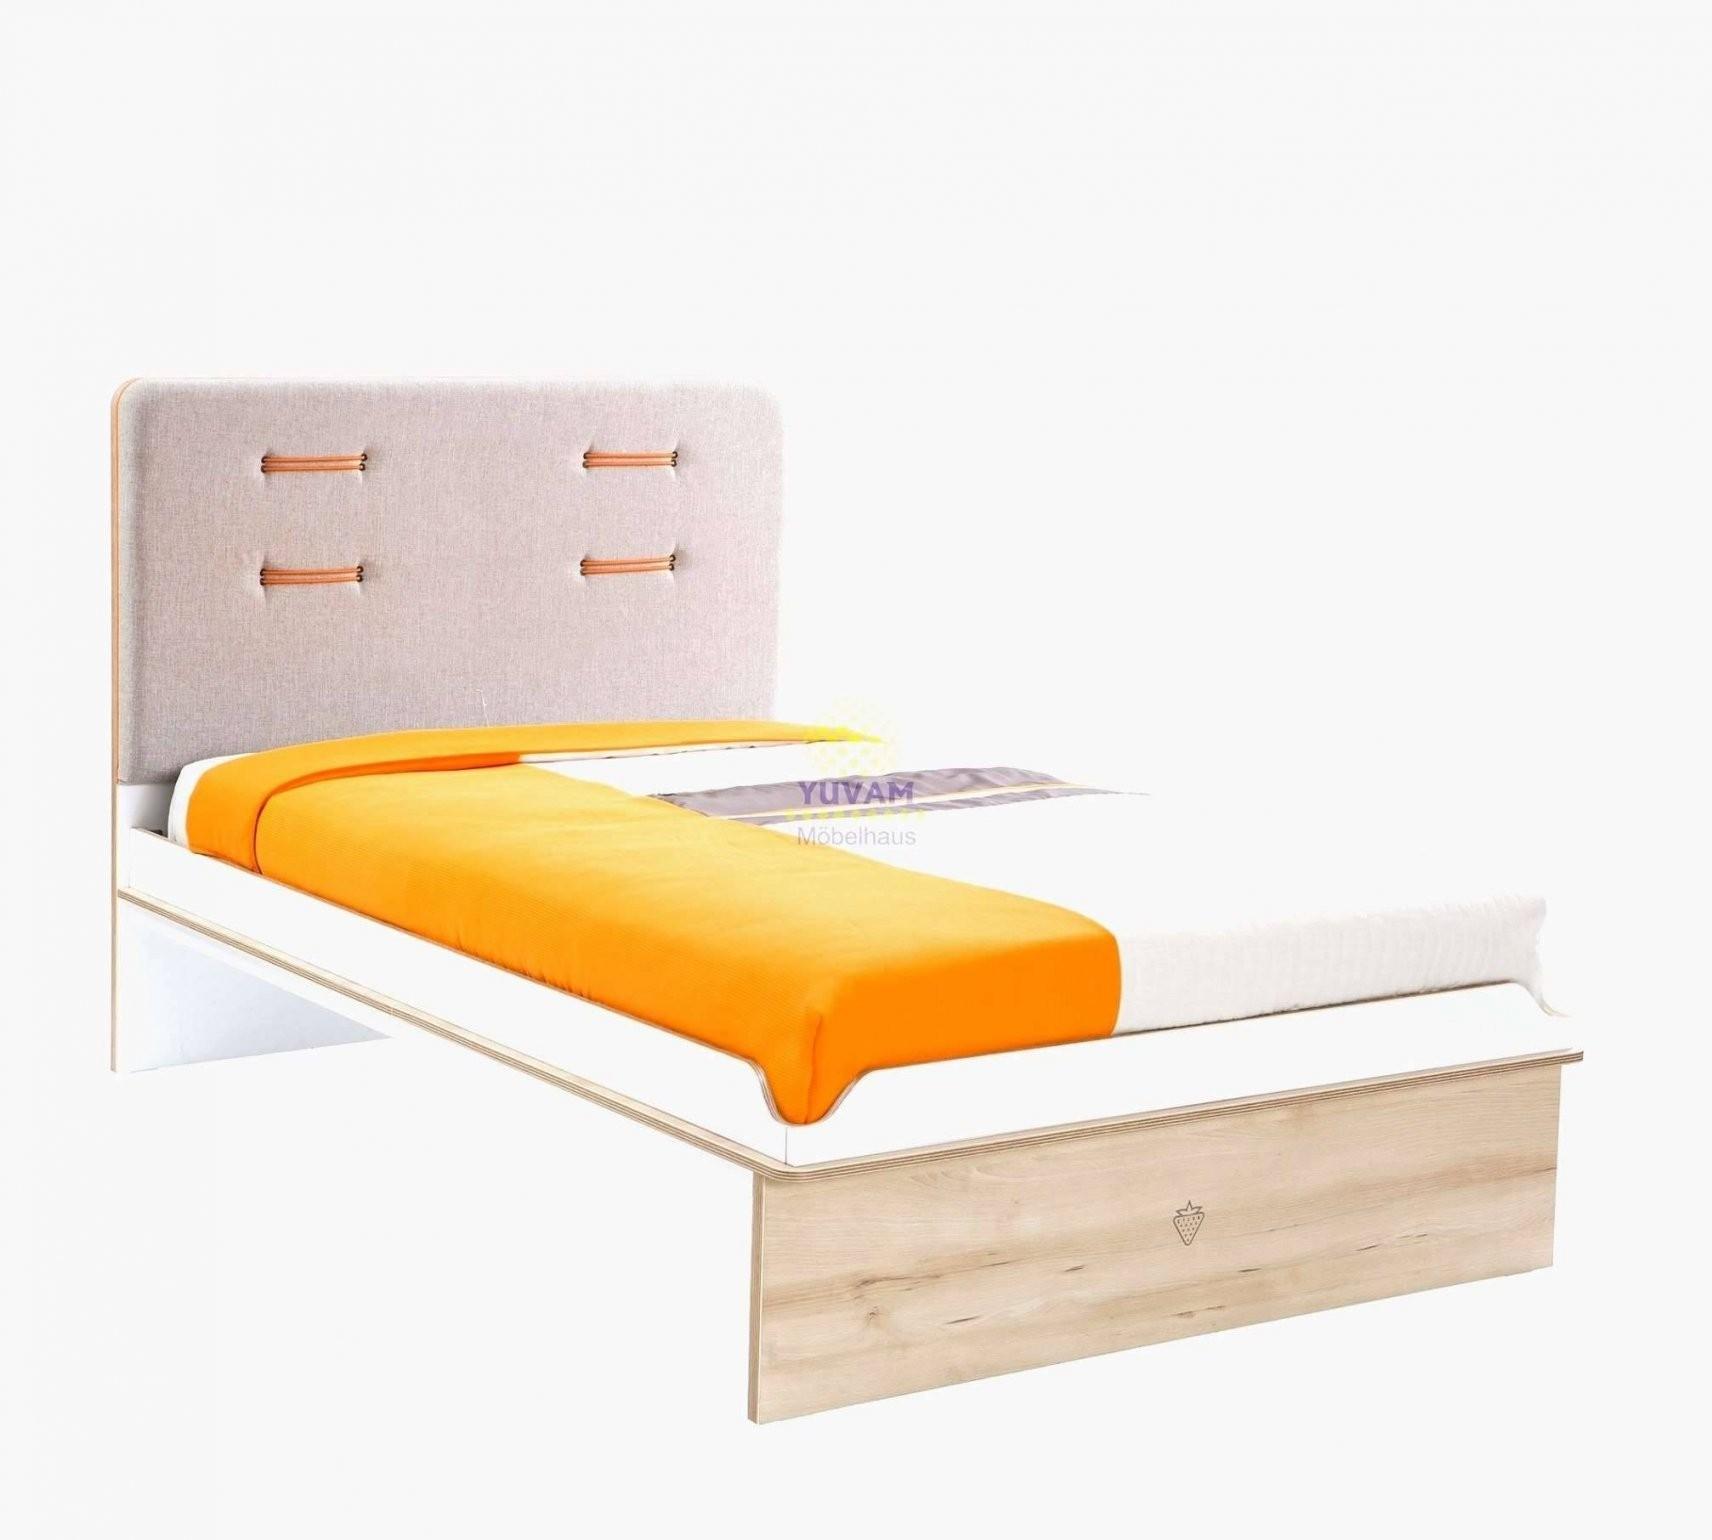 Futonbett 120×200 Inspirierend Bett 120×200 Mit Lattenrost Und von Bett 120X200 Mit Lattenrost Und Matratze Bild